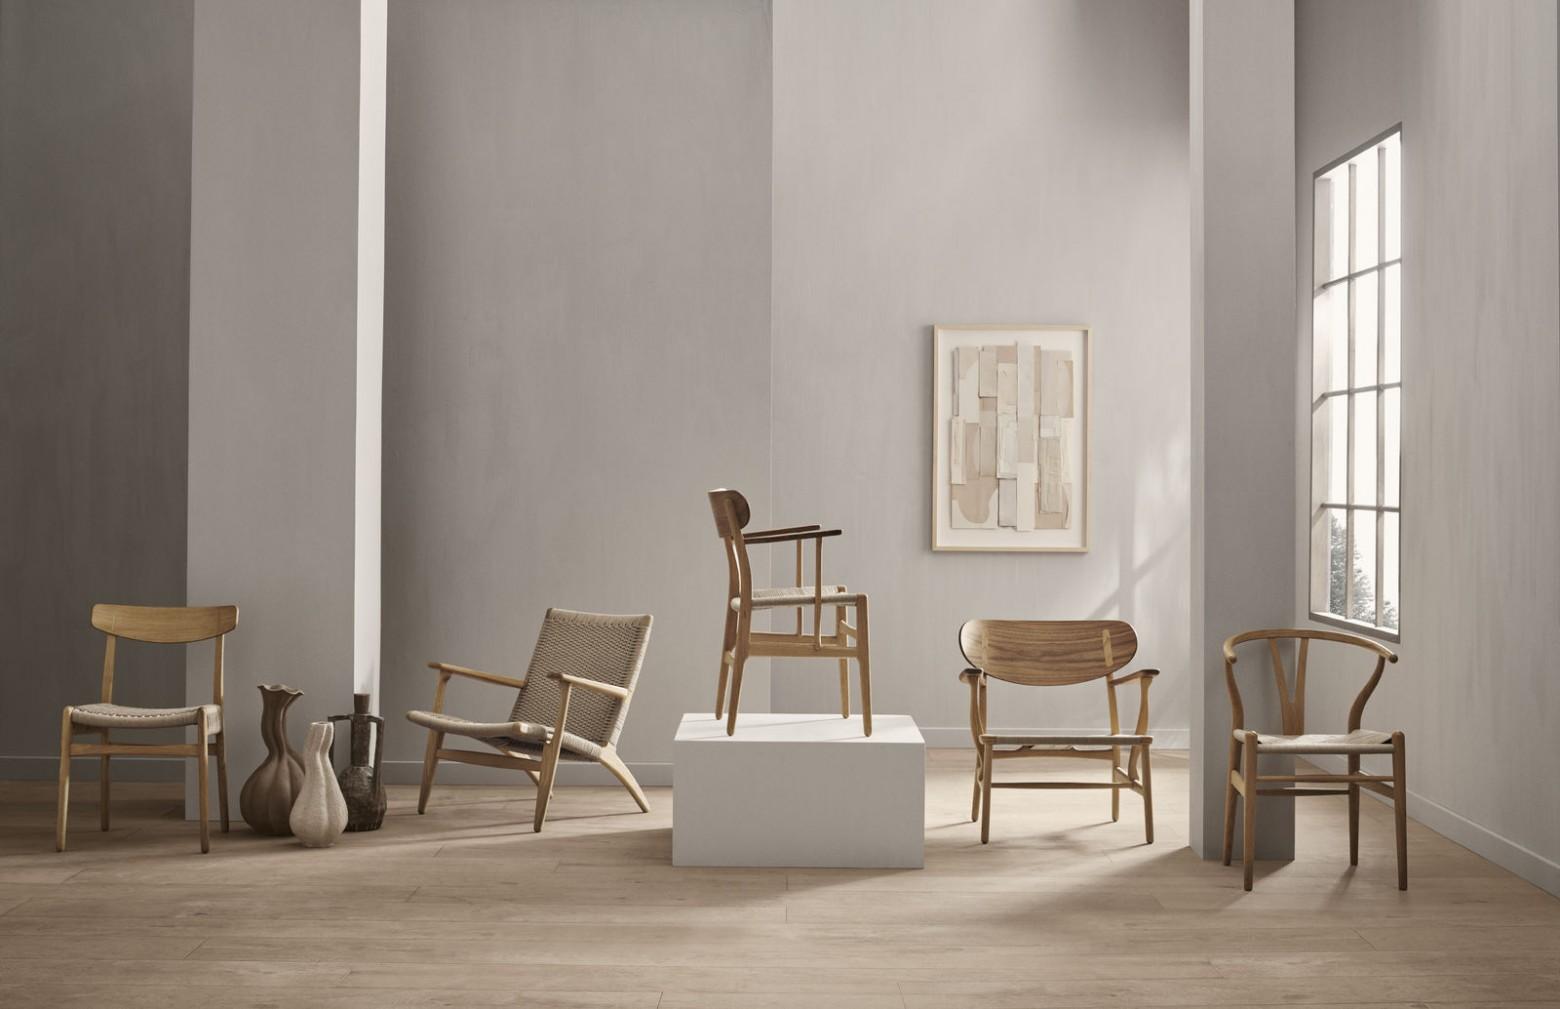 Les 5 chefs-d'œuvre de Hans J Wegner conçus en 1950 - Carl Hansen & Son  Victors Design Agency